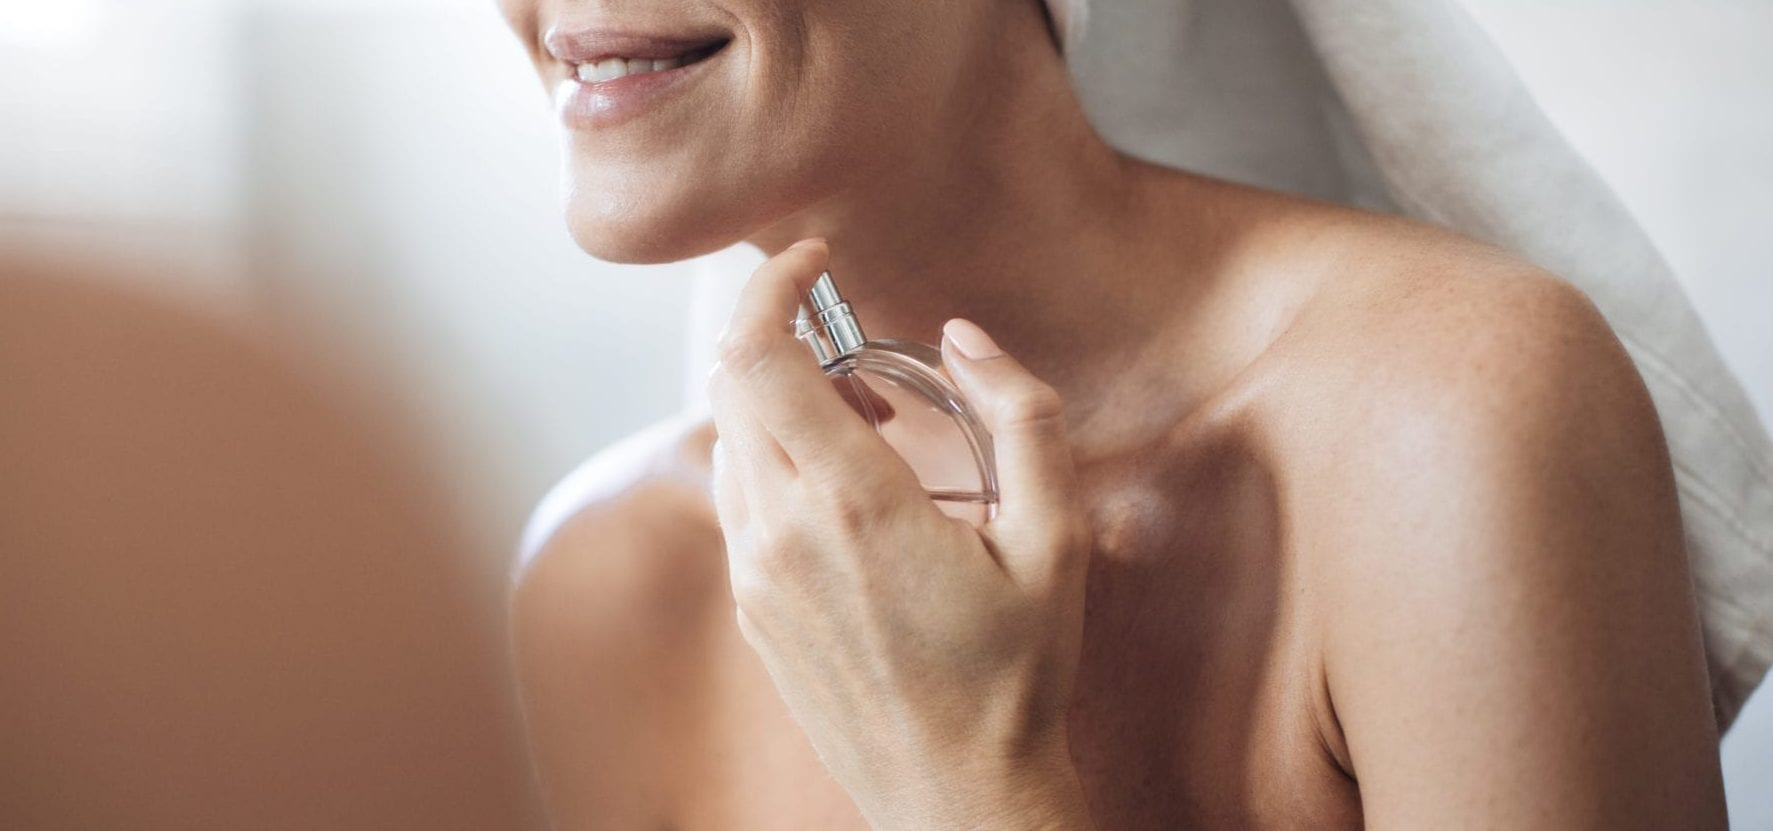 Pigmentvlekken in nek door gebruik van parfum